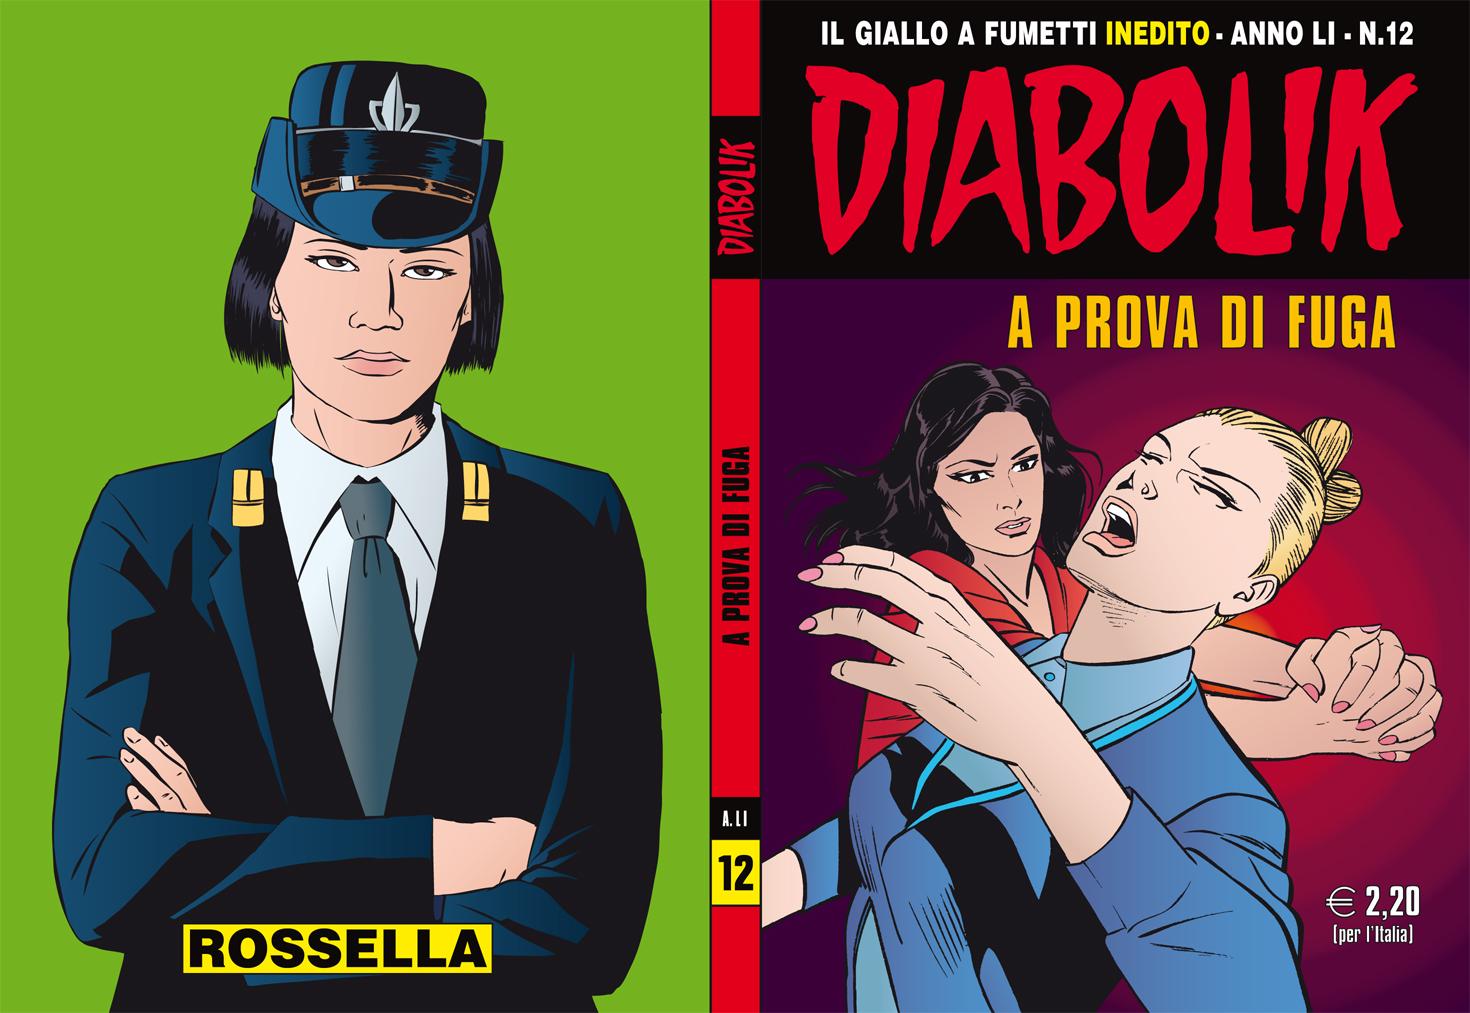 diabolik-copertina-inedito-dicembre-2012